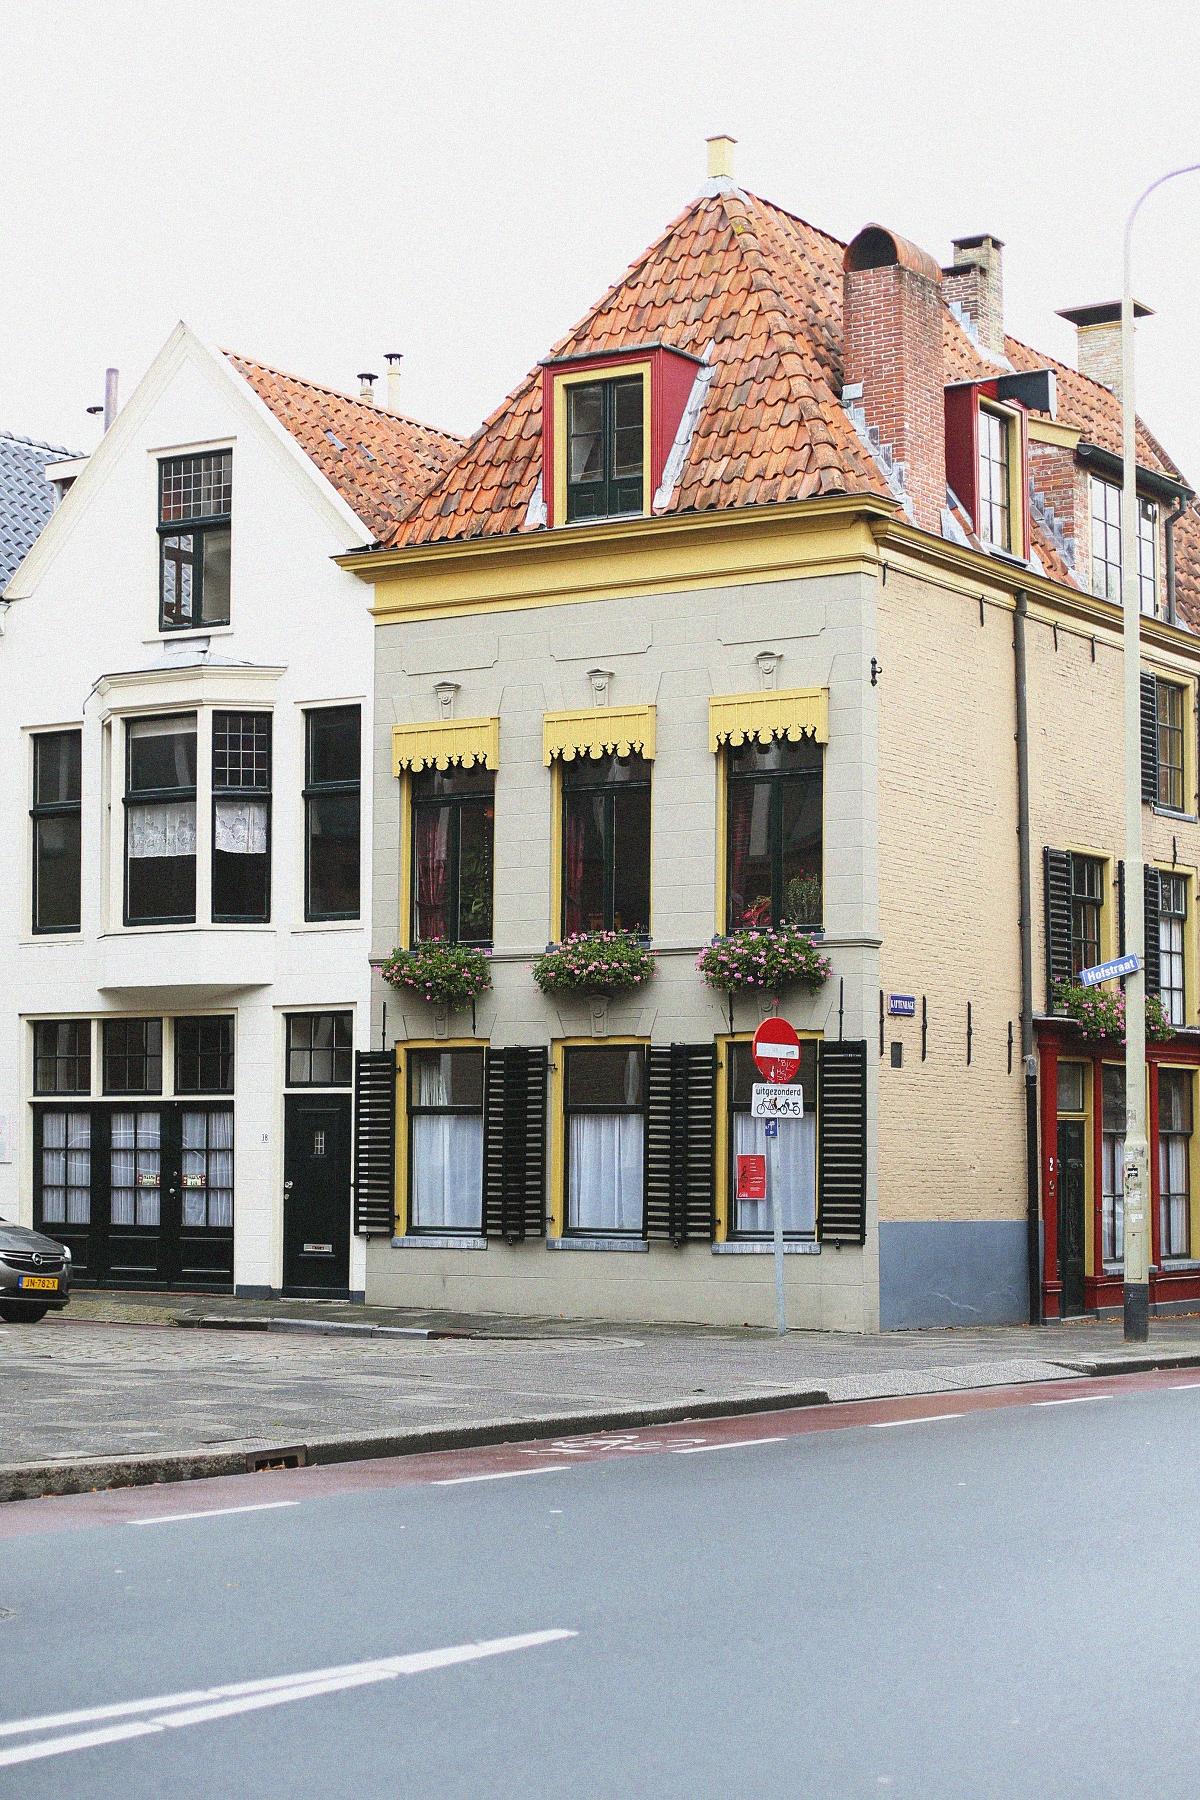 Piękne kamienice w Groningen